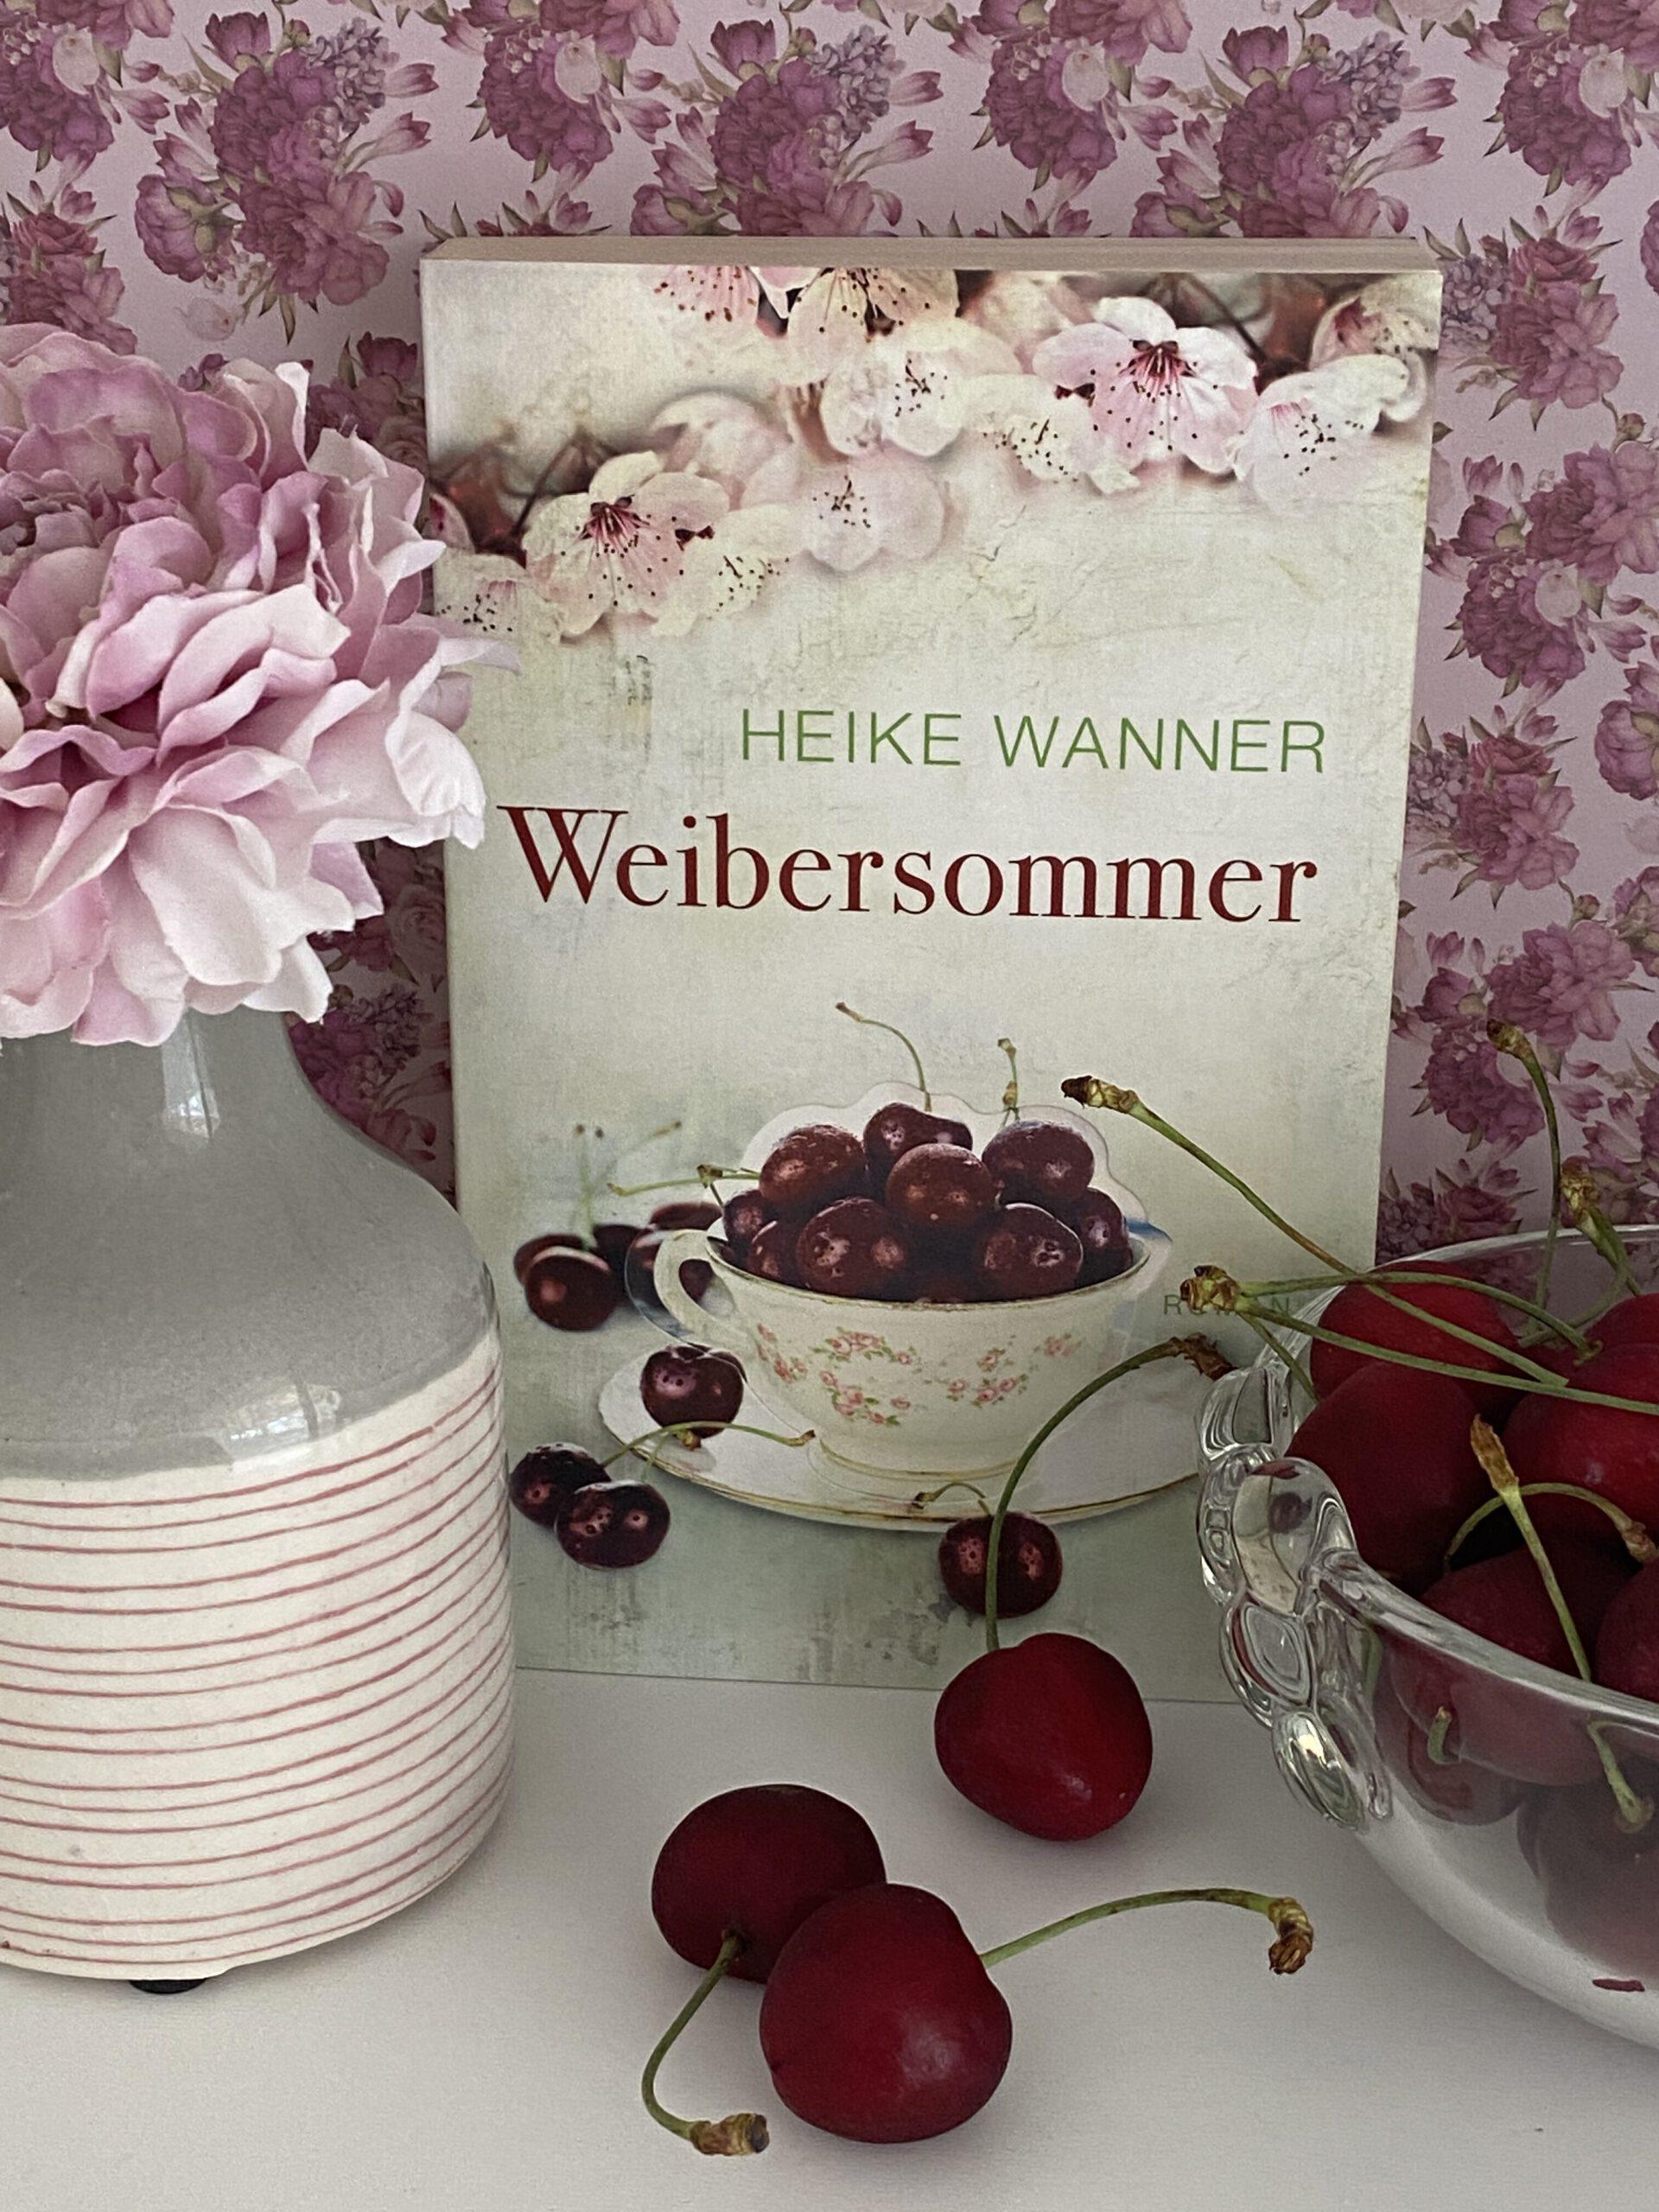 Weibersommer von Heike Wanner